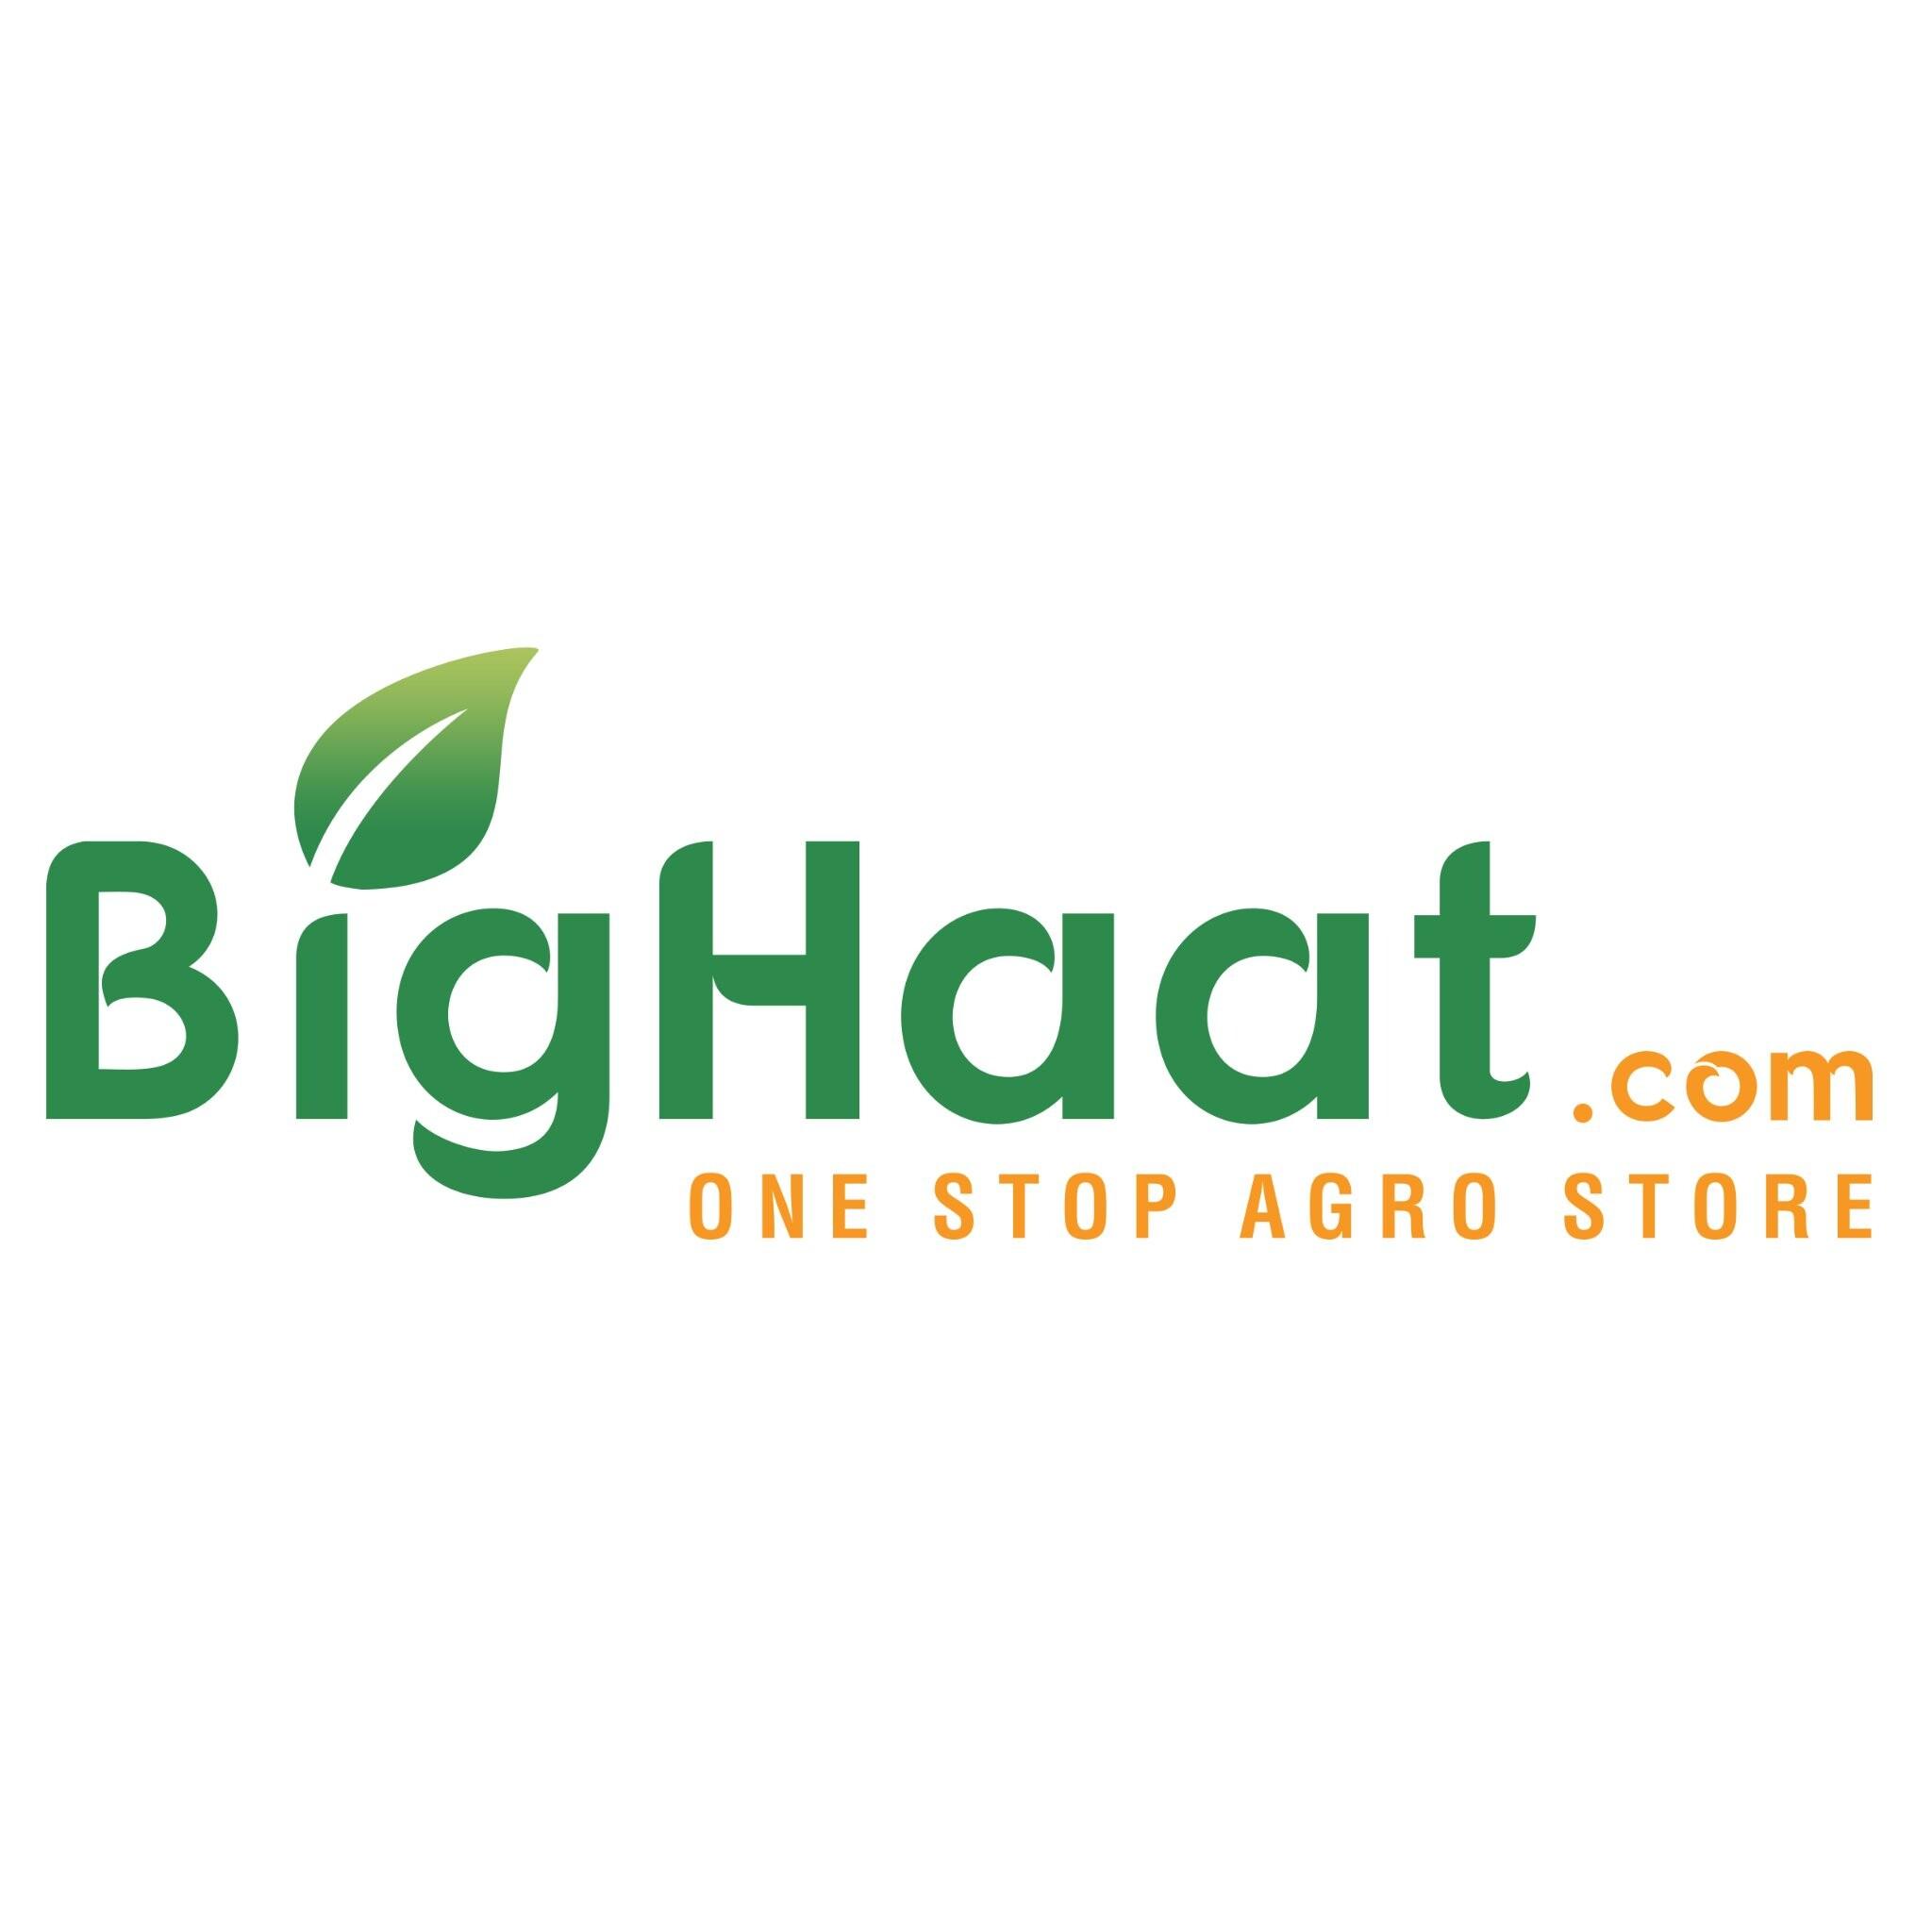 BigHaat